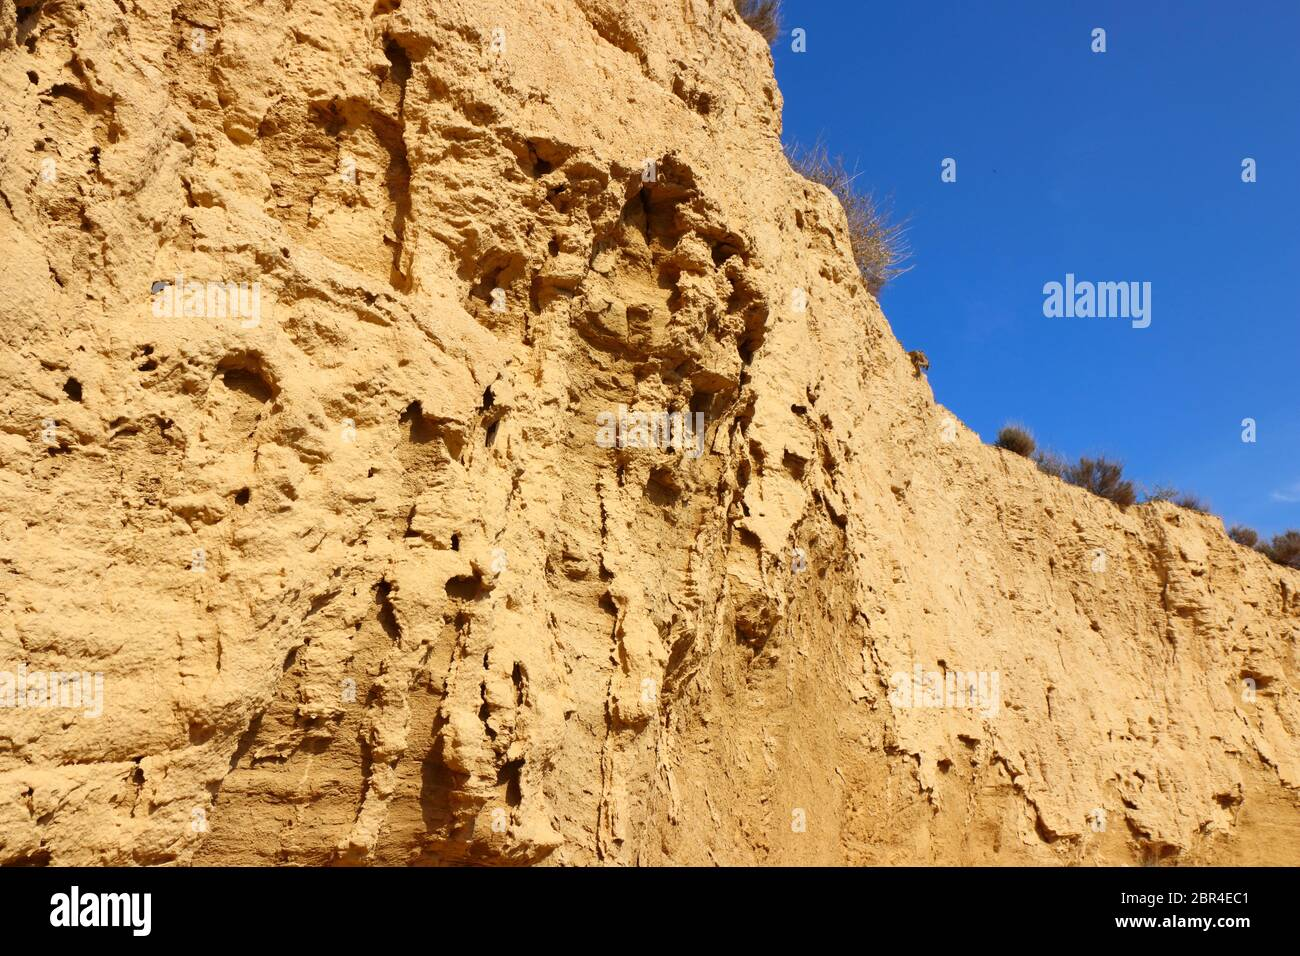 Gros plan des sédiments et des caractéristiques érosionnelles dans la région naturelle du semi-désert de Bardenas Reales, Réserve de biosphère de l'UNESCO, Navarre, Espagne Banque D'Images